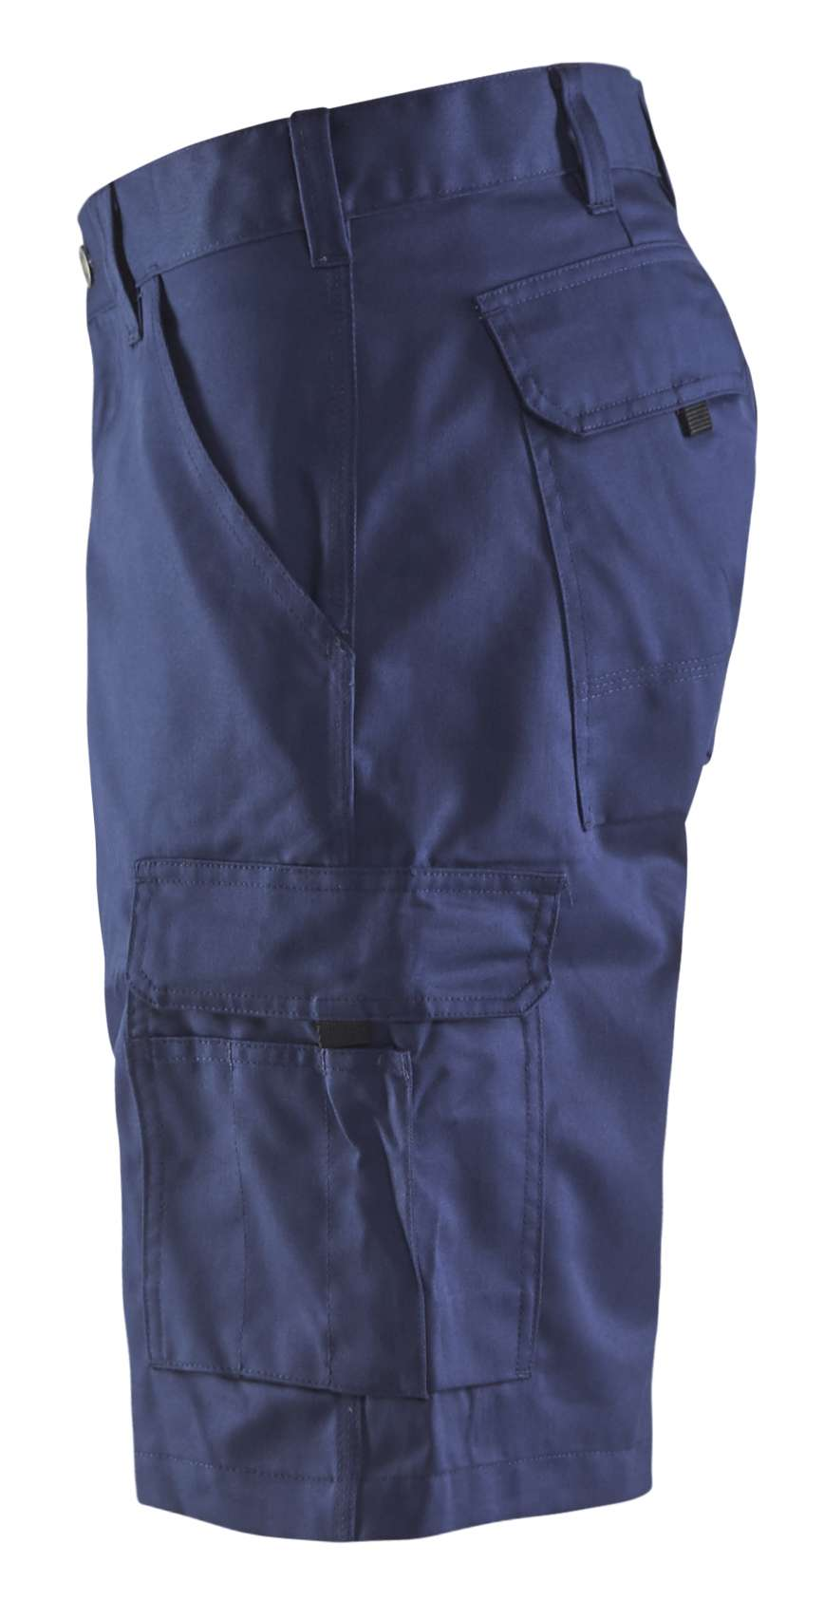 Blaklader Korte werkbroeken 14471800 marineblauw(8900)